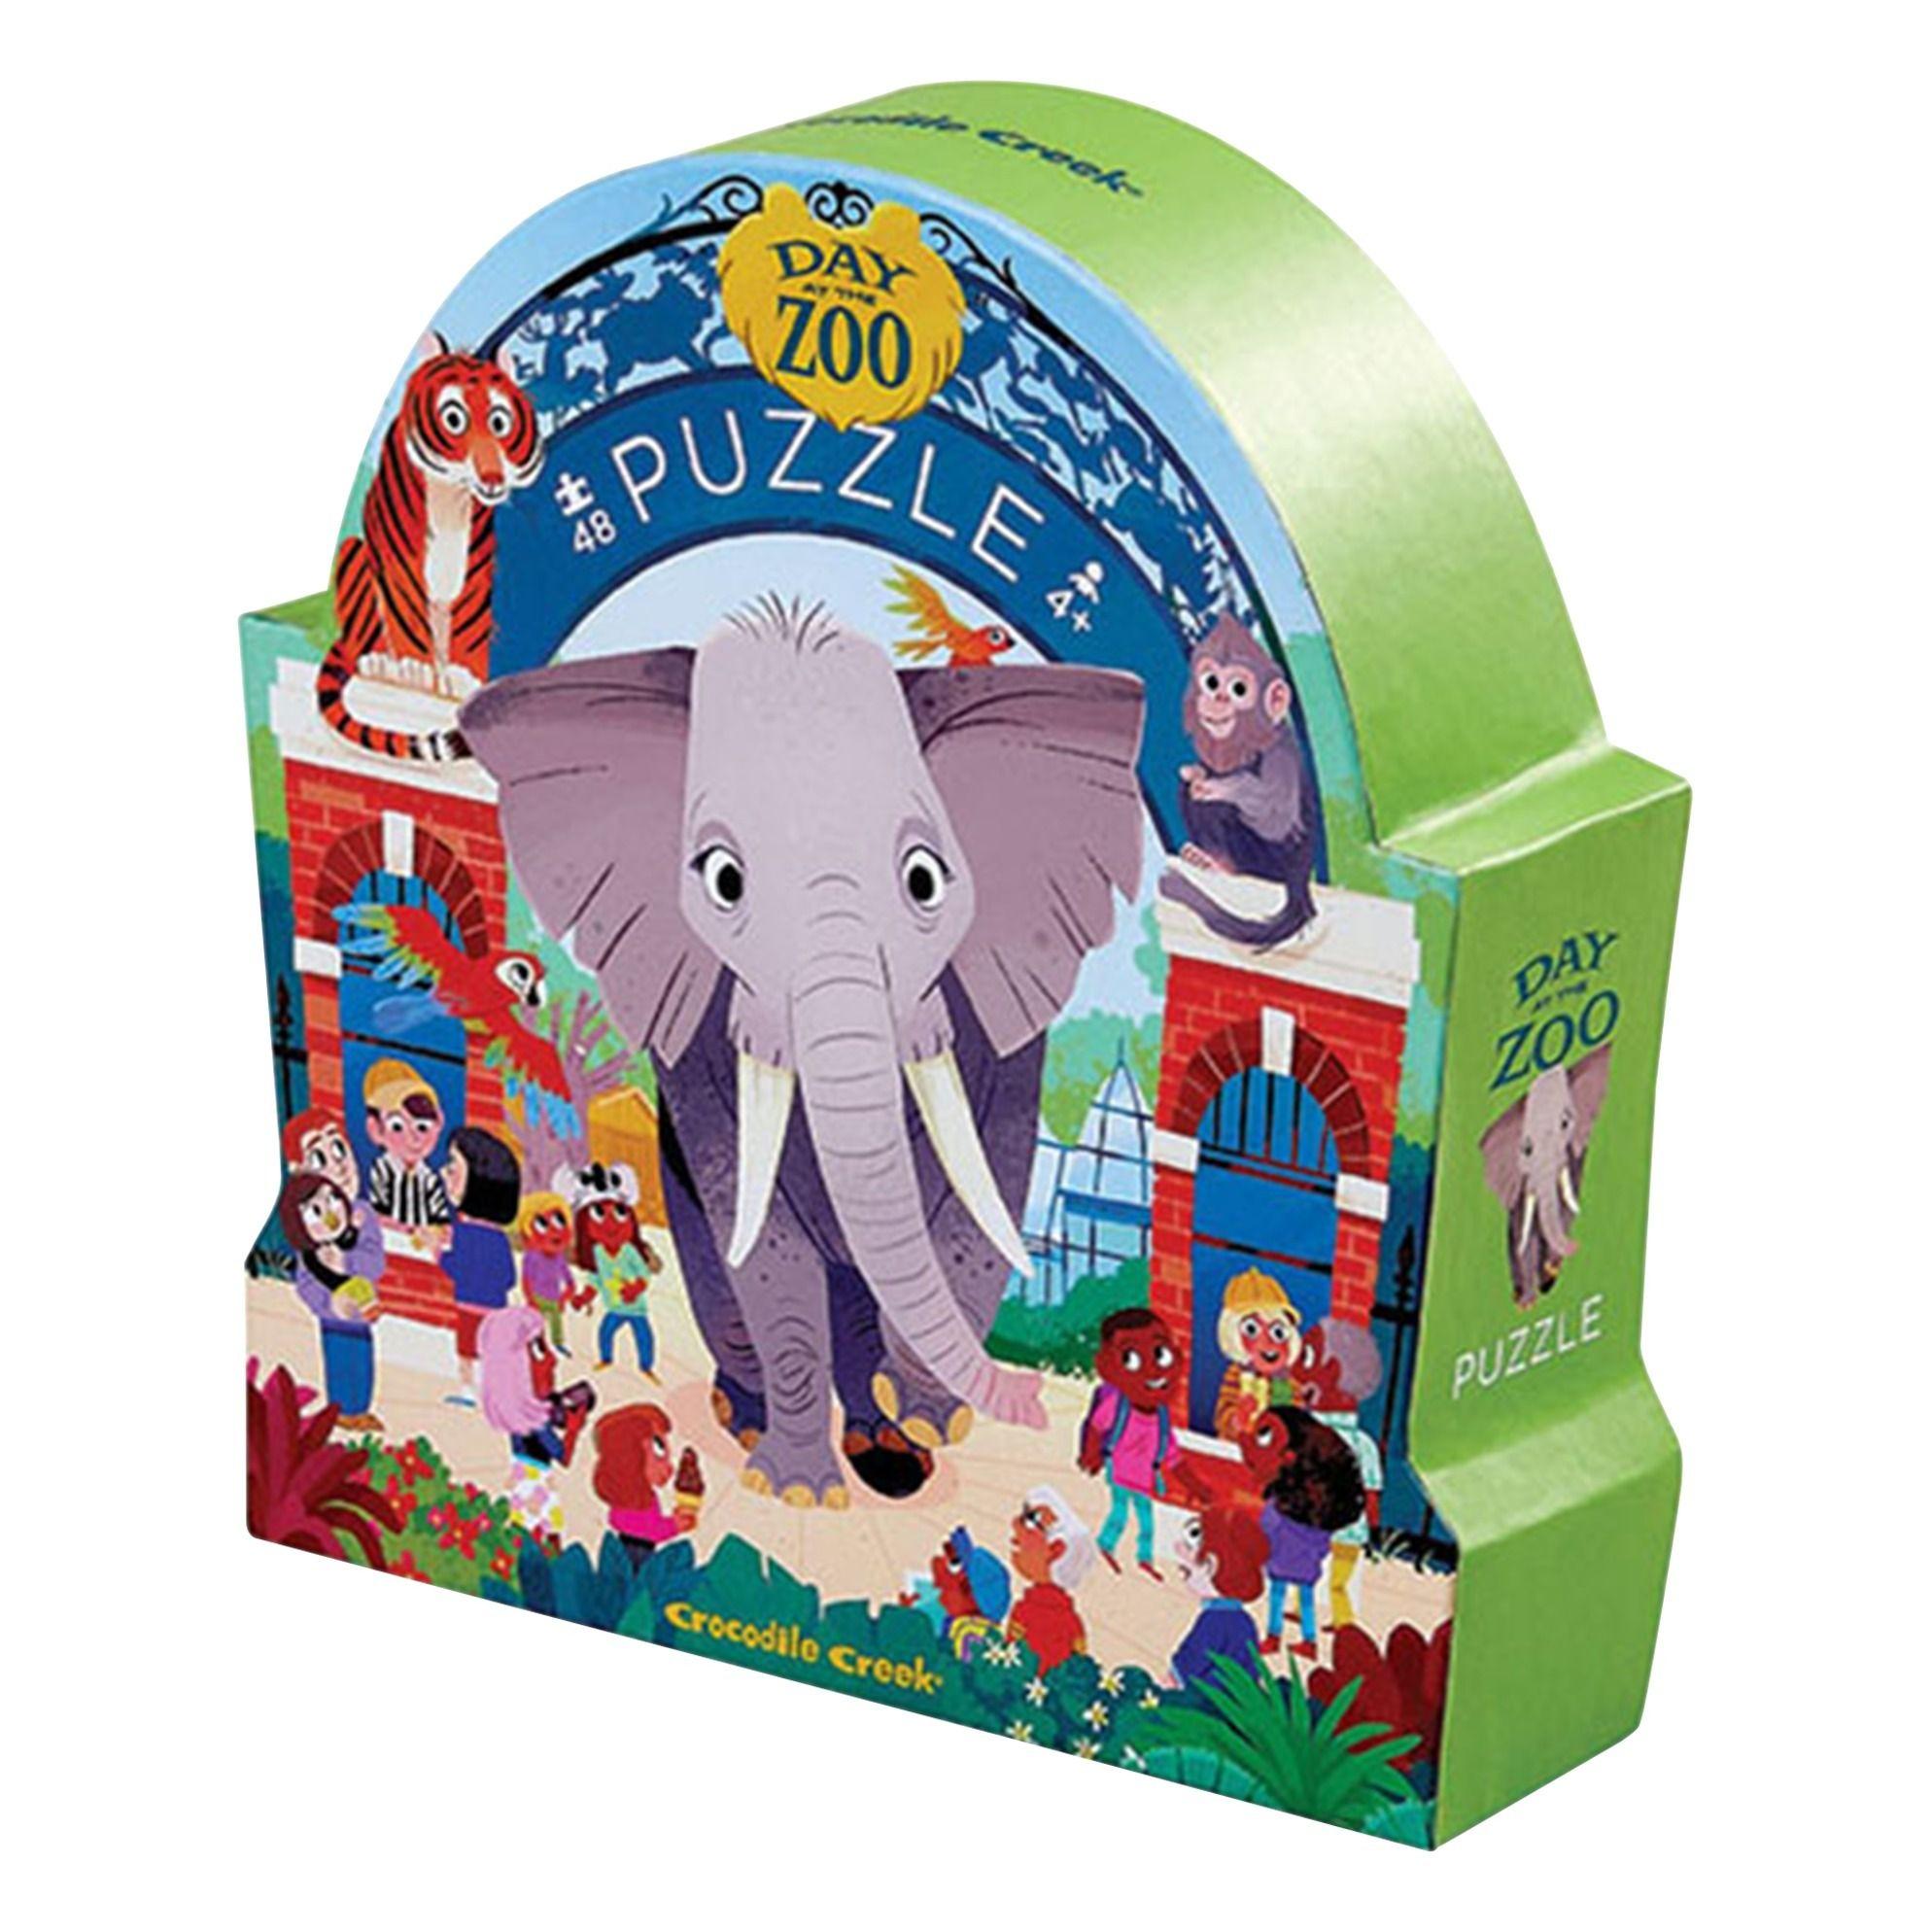 Puzzle Une Journee Au Zoo 48 Pieces Crocodile Creek Jouet Et Crocodile Creek Crocodile Creative Kids